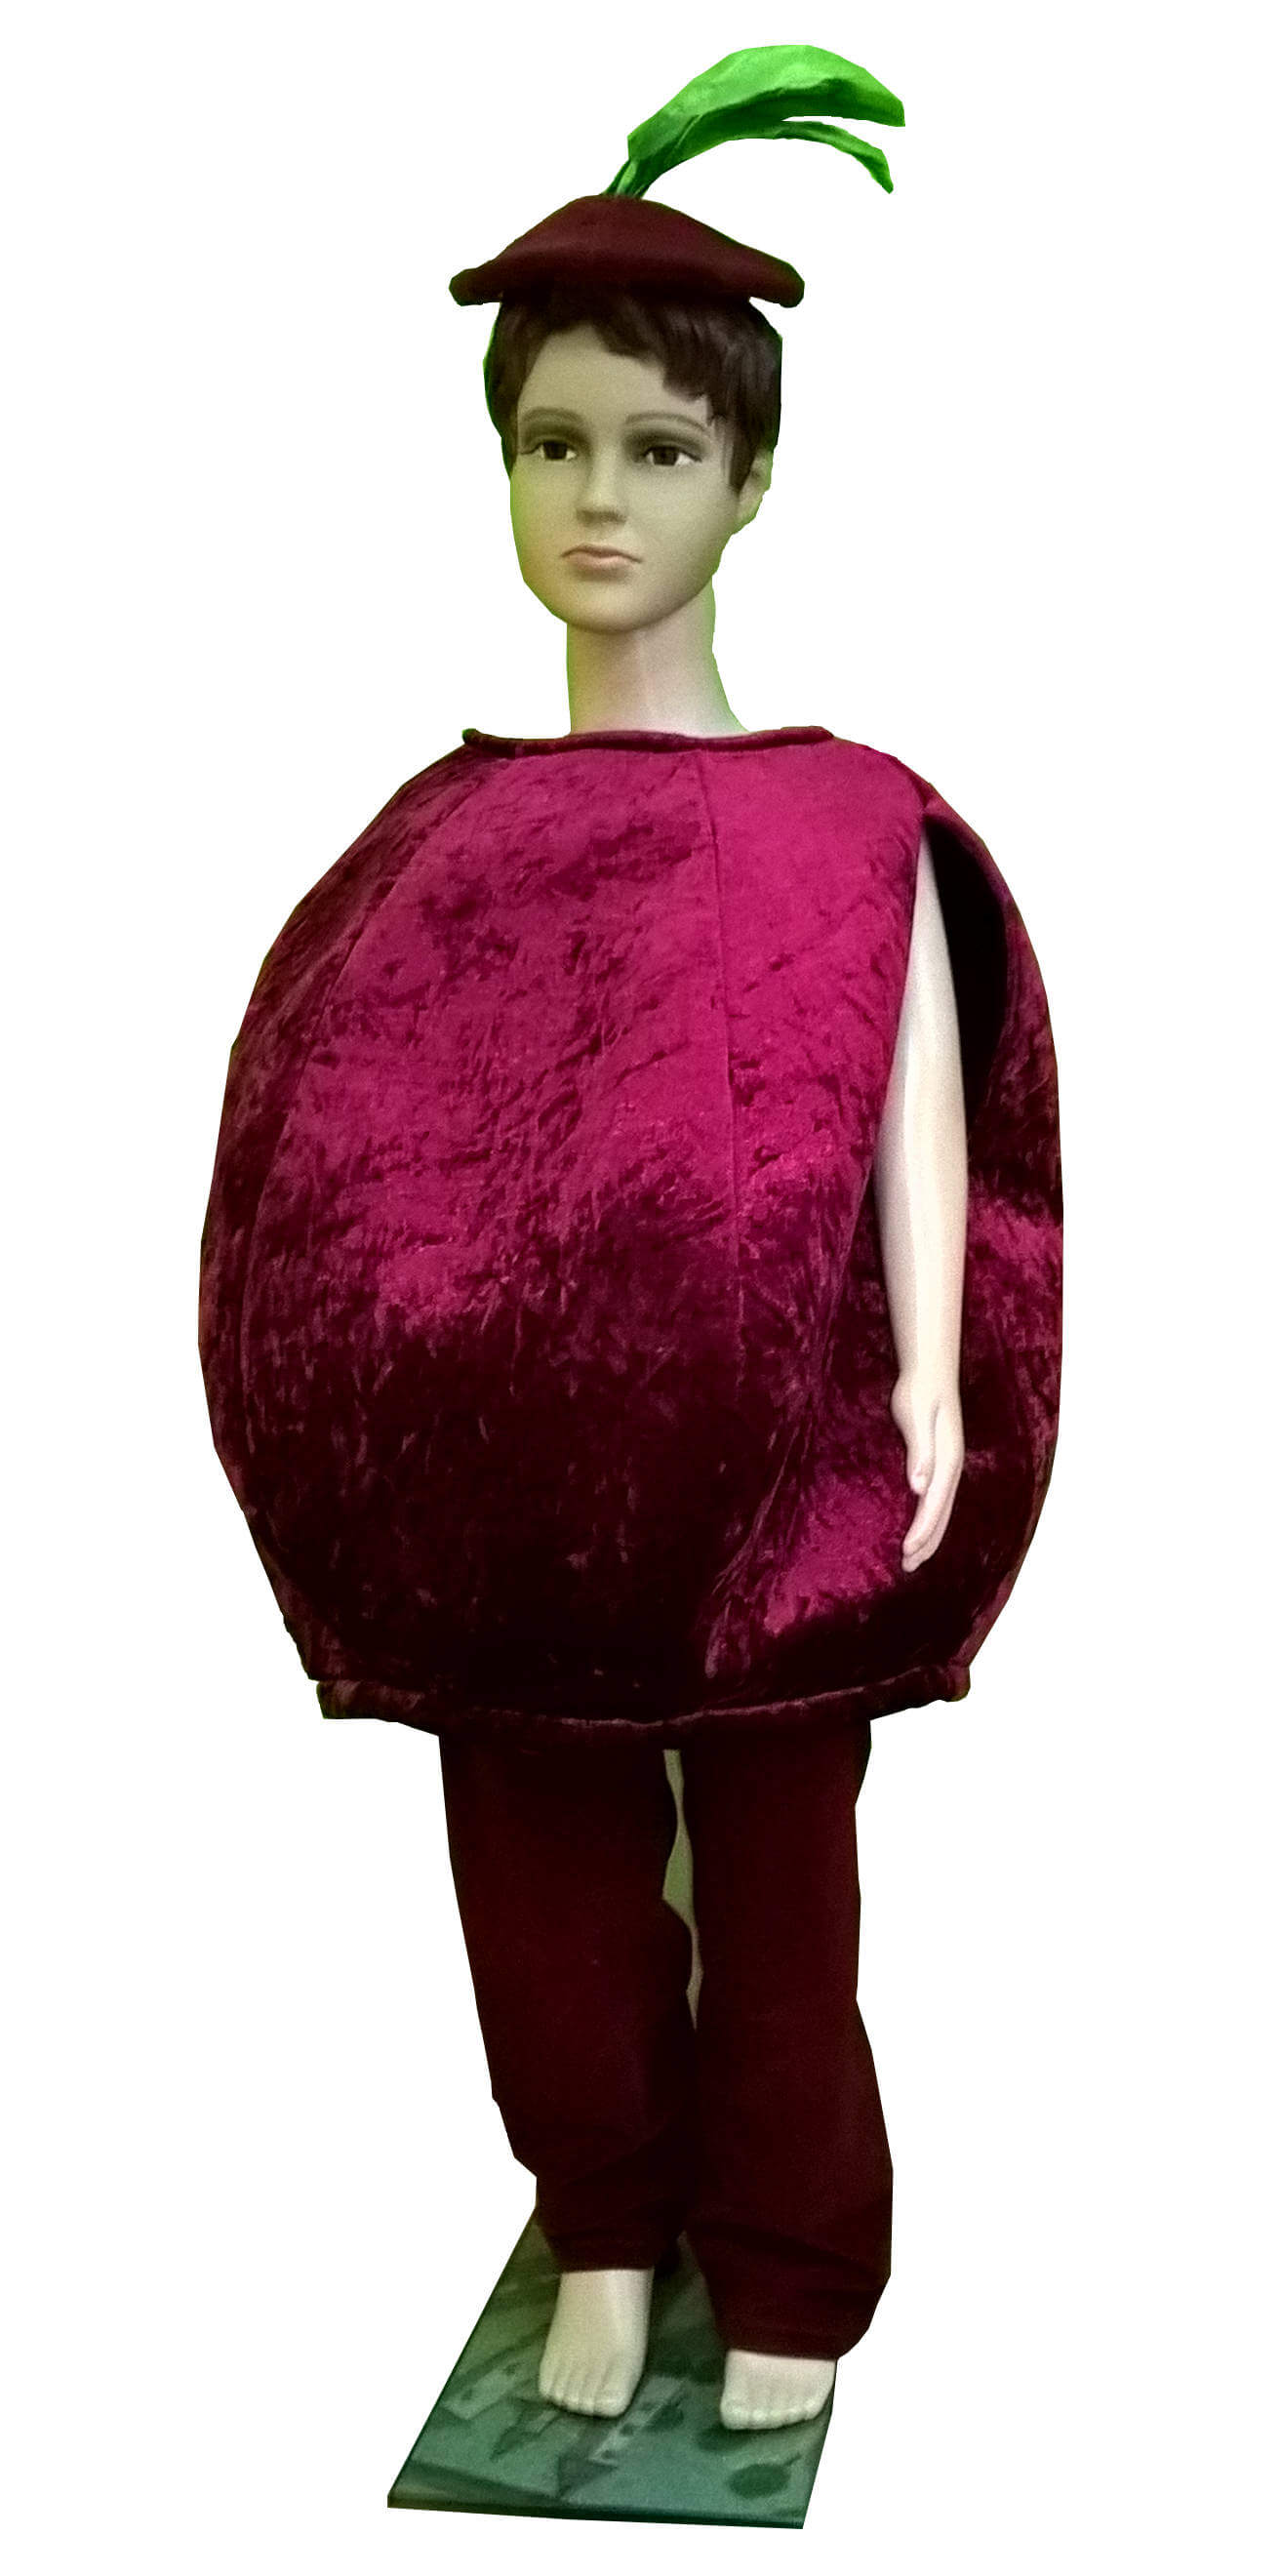 костюм свеклы. Buroko kostiumas. Burokėlio kostiumas. Karnavaliniu kostiumu nuoma vaikams Vilniuje - pasakunamai.lt